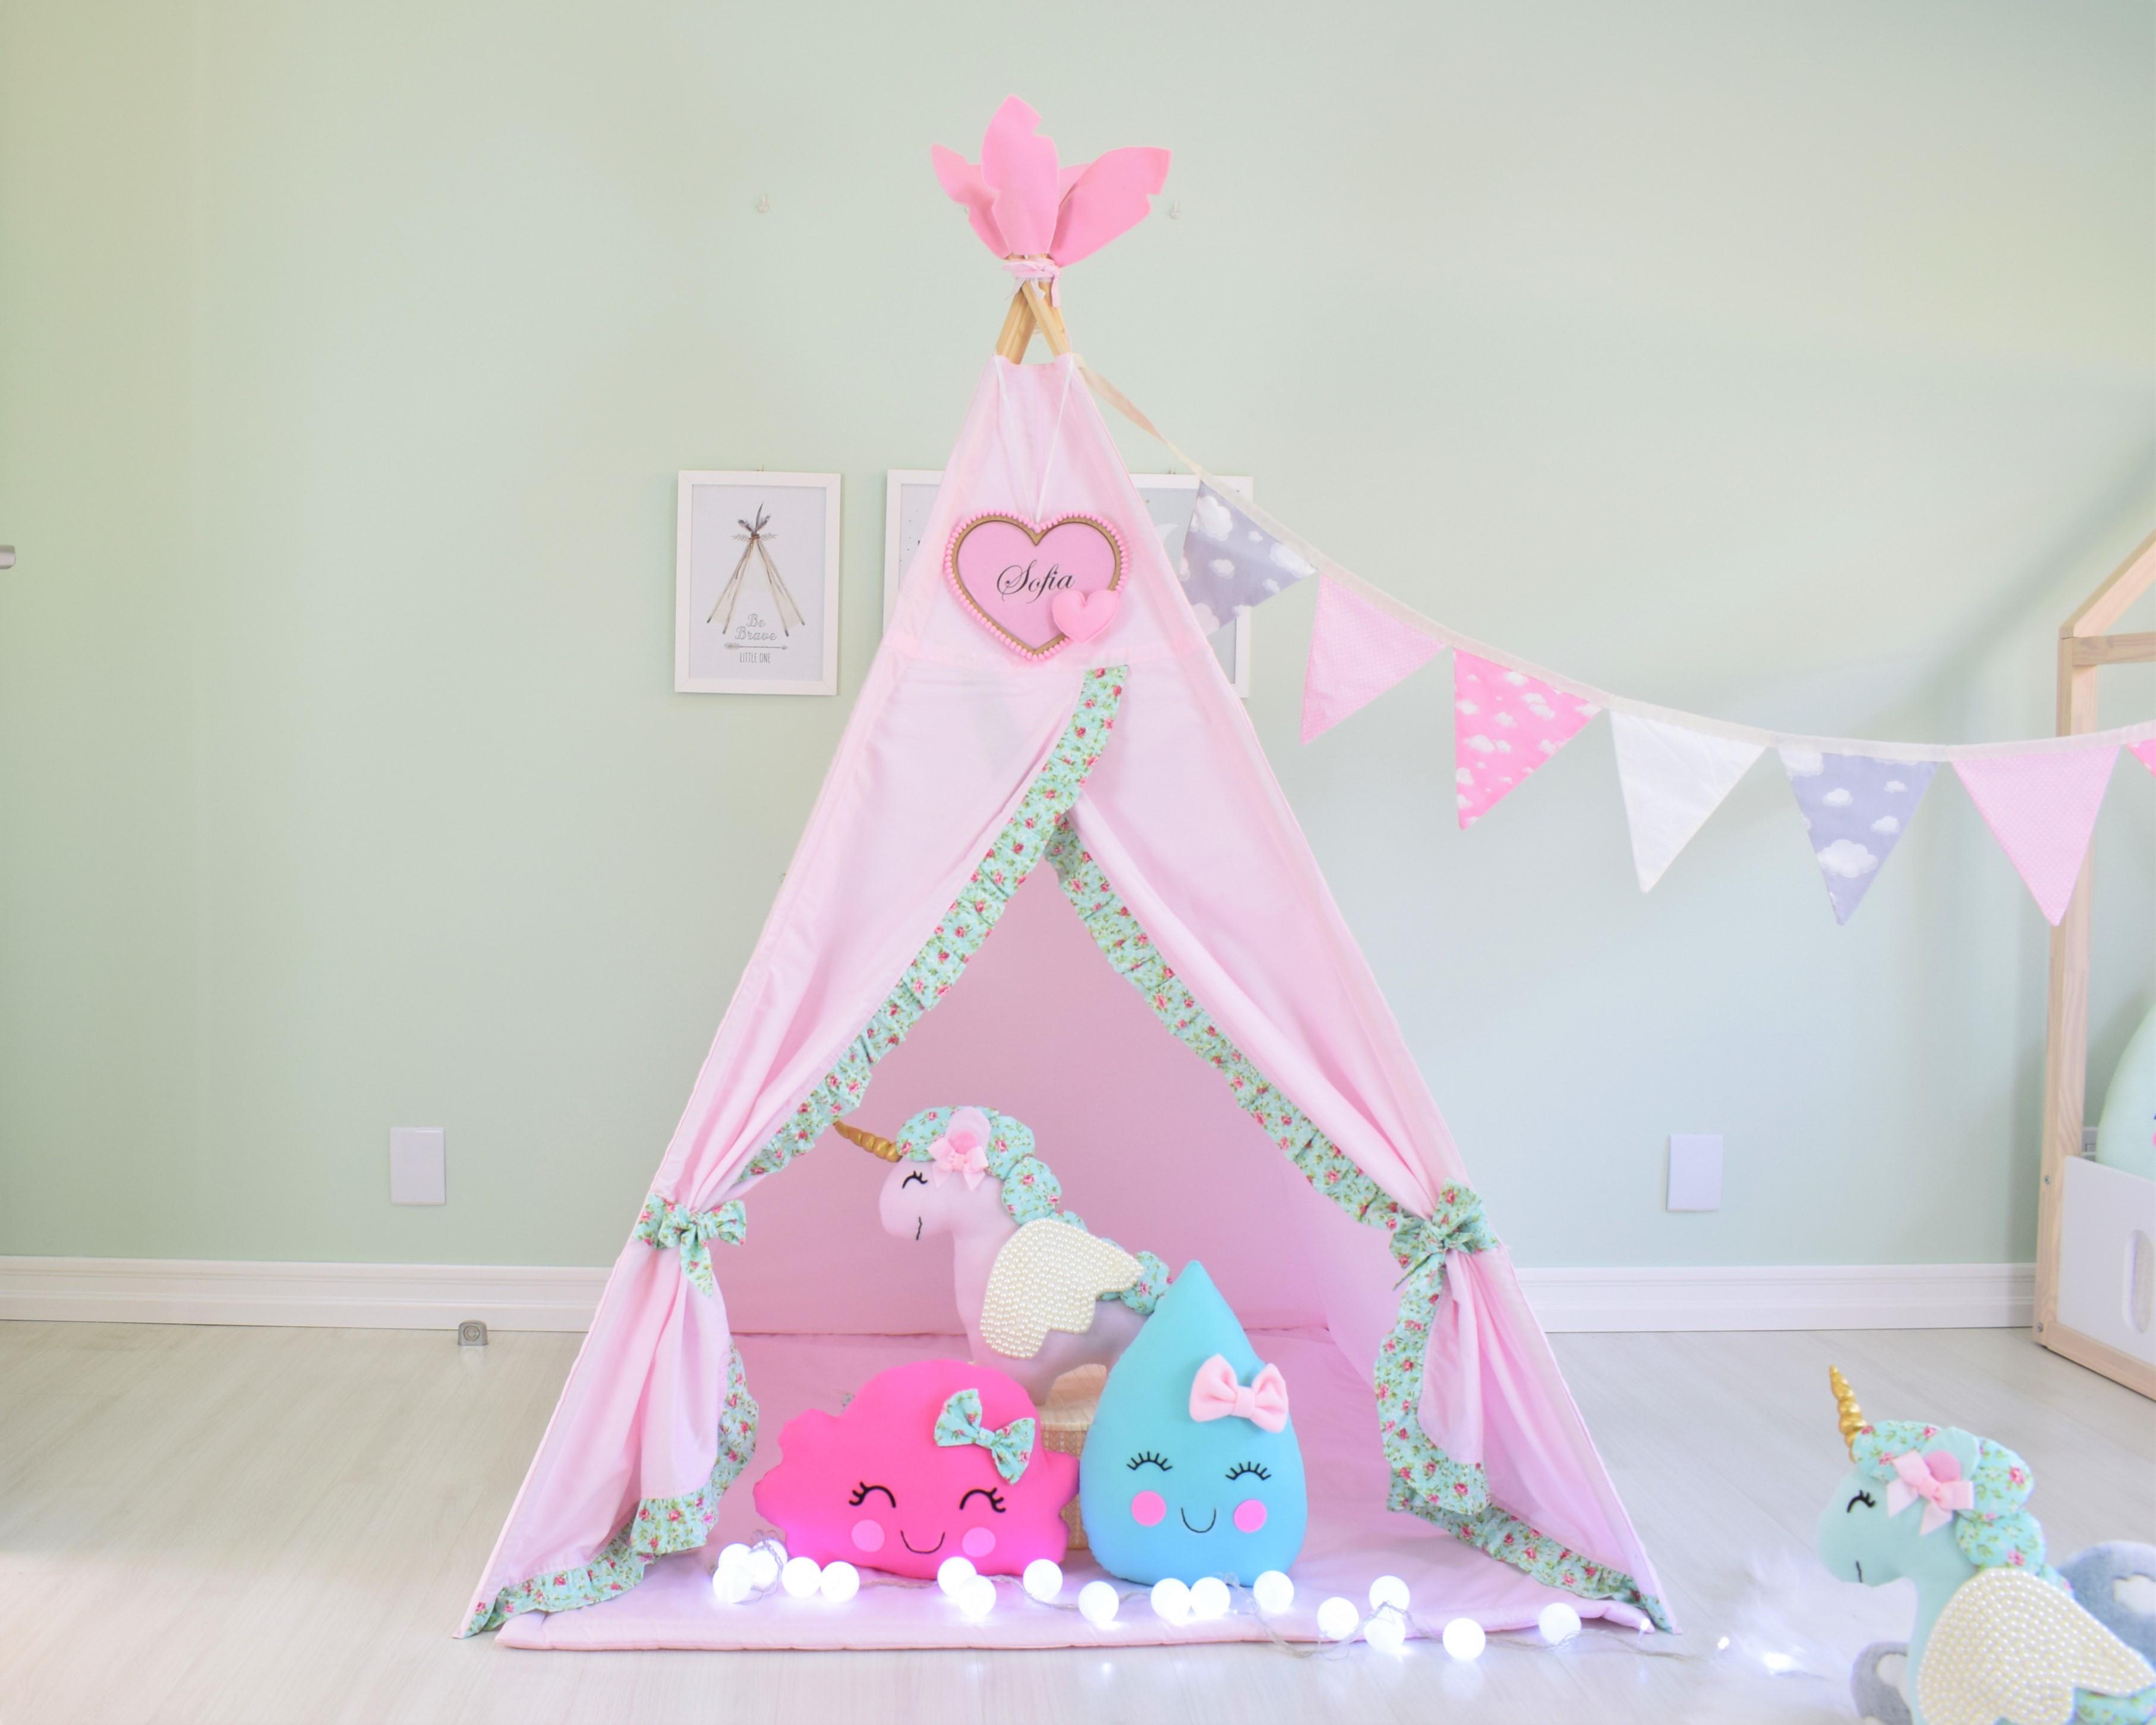 Cabana Infantil Tenda Cabaninha Unicornio No Elo7 Enamorai 1339680